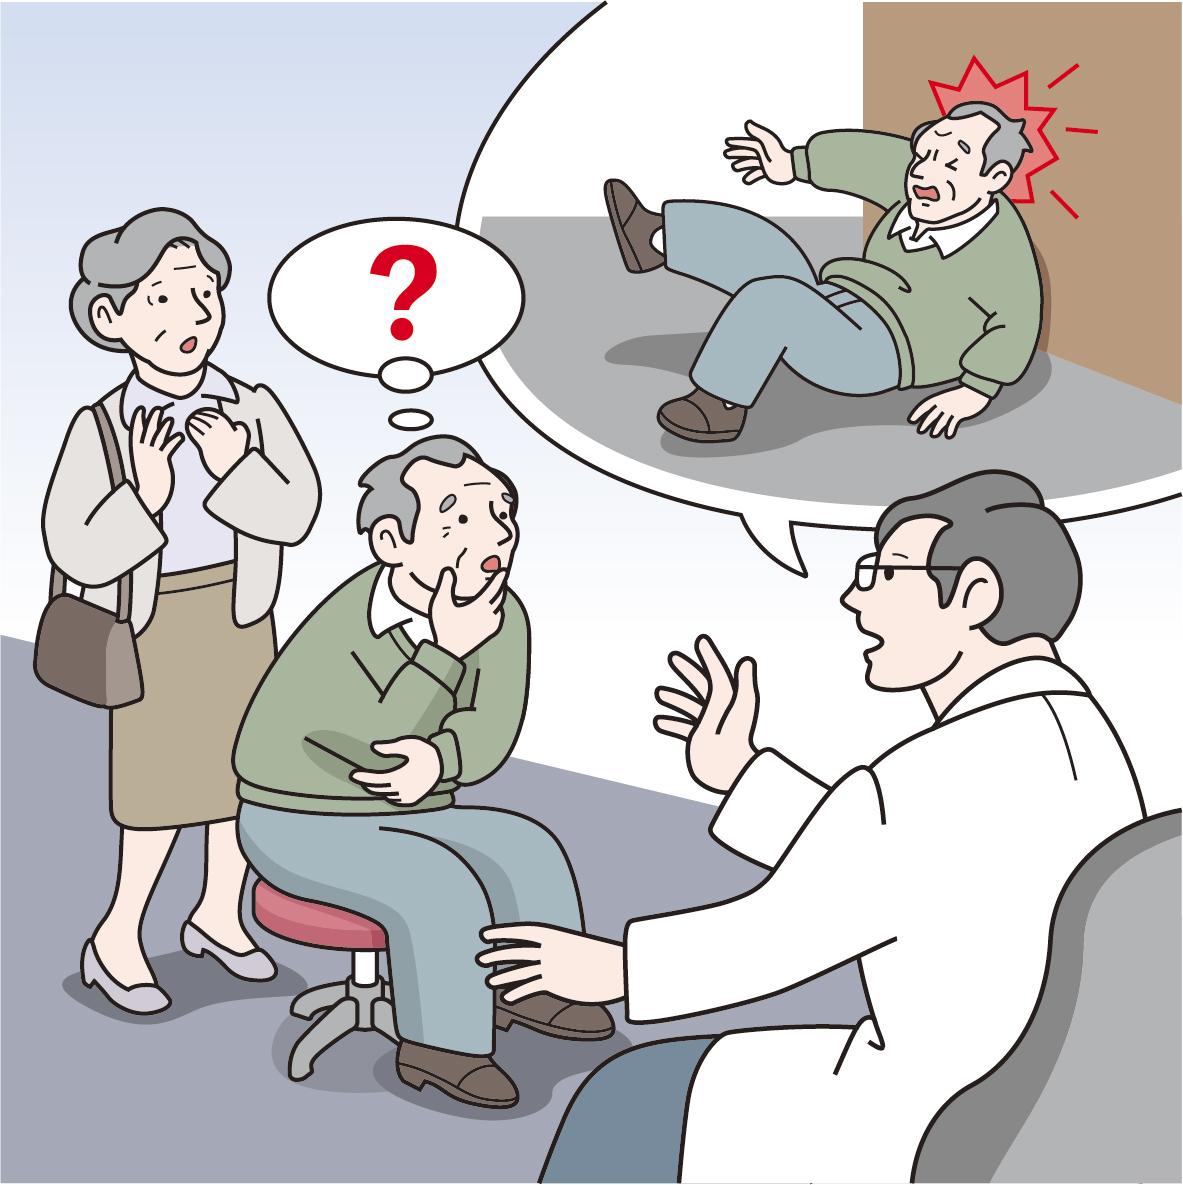 認知症に似た症状―慢性硬膜下血腫 物忘れが急にひどくなったら疑って ...